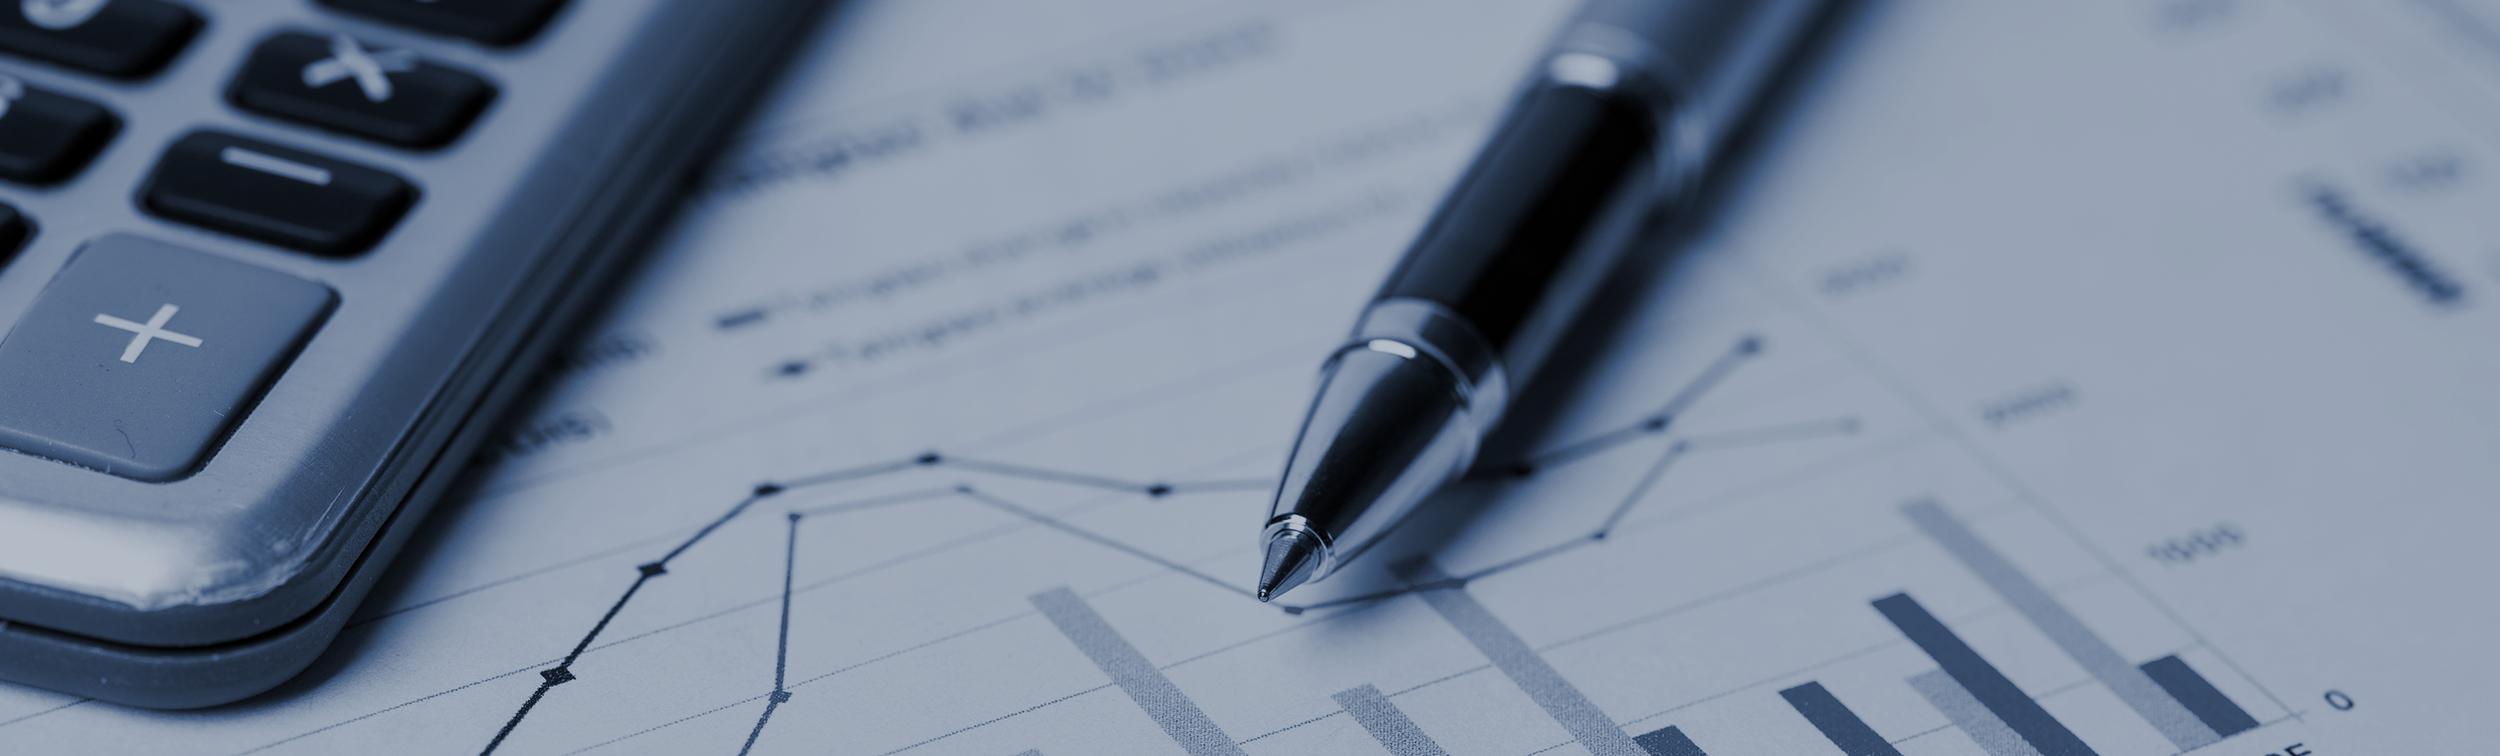 財務戦略アドバイザー - 財務のプロと並走する